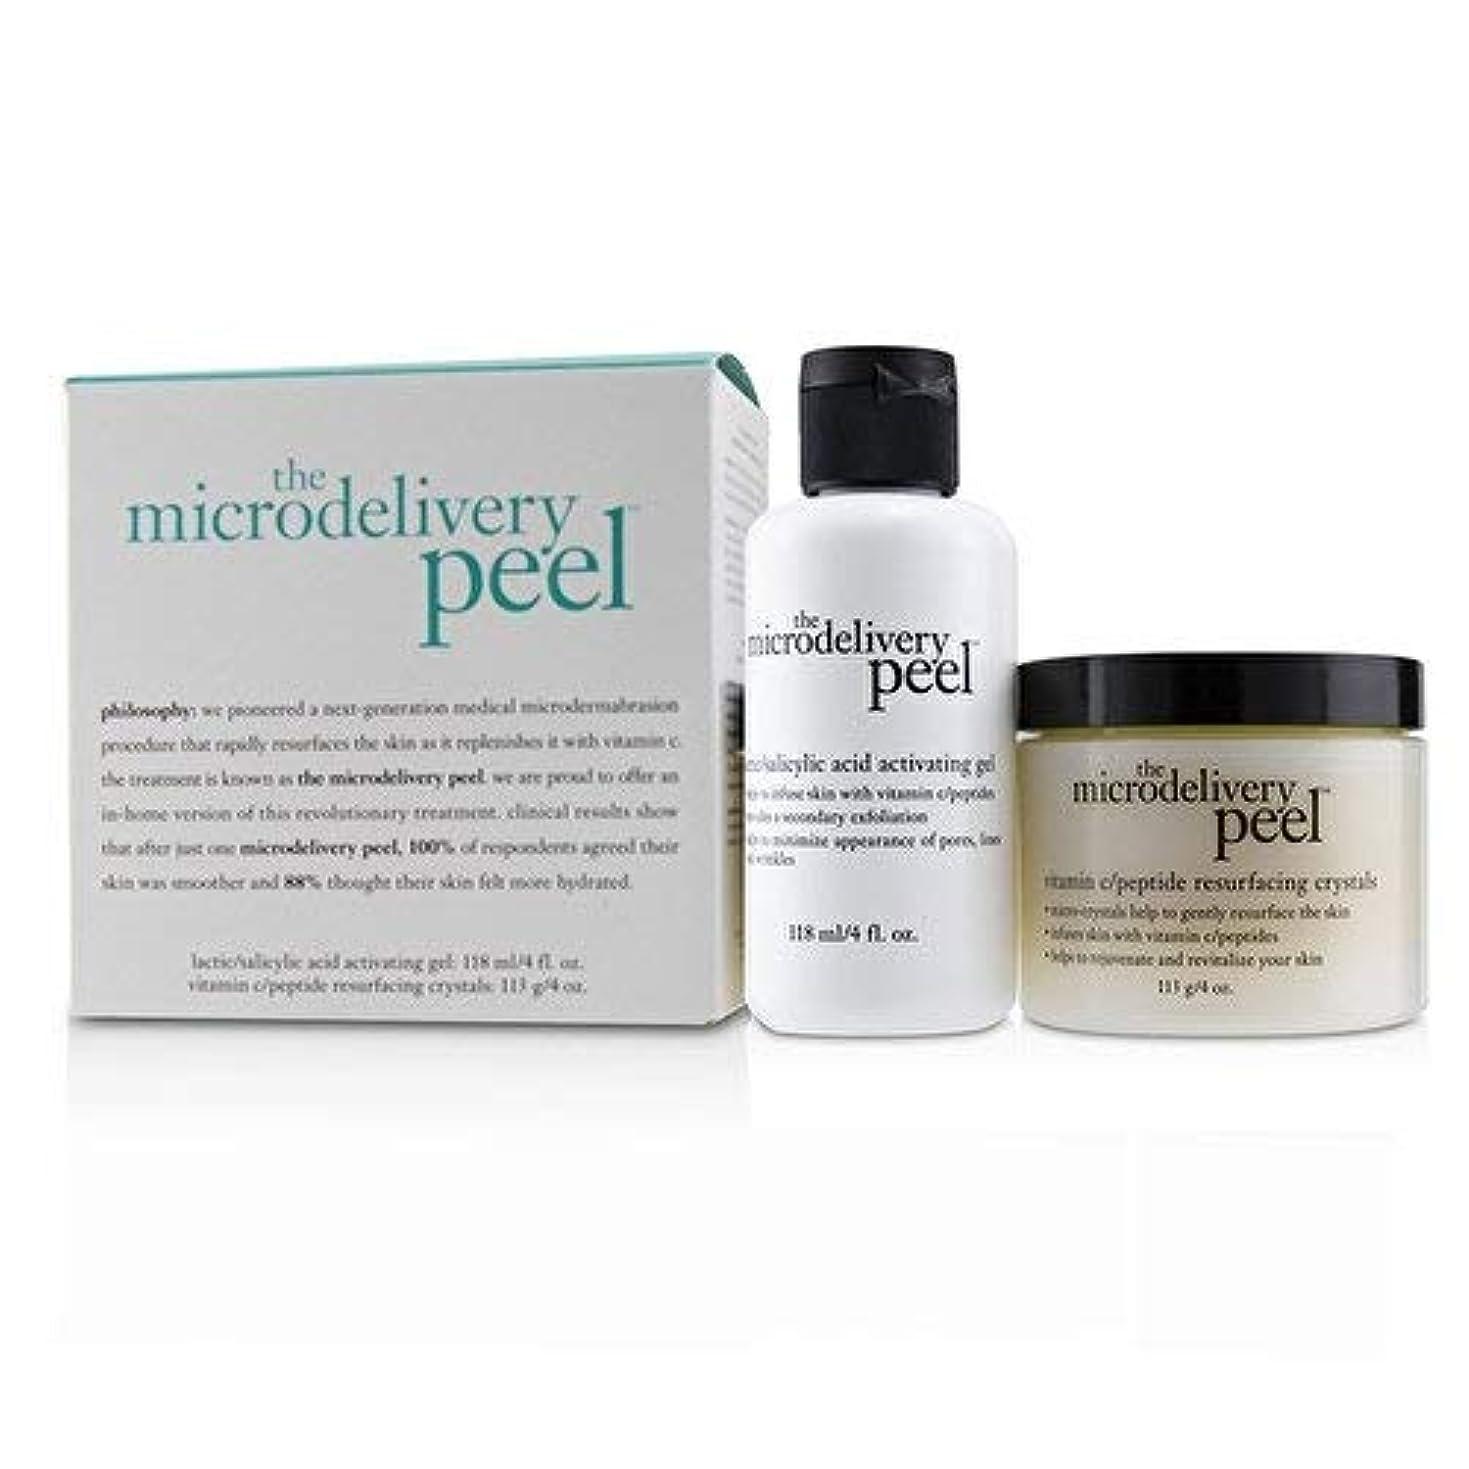 州フリンジバトルフィロソフィー The Microdelivery Peel: Lactic/Salicylic Acid Activating Gel 118ml + Vitamin C/Peptide Resurfacing Crystals...